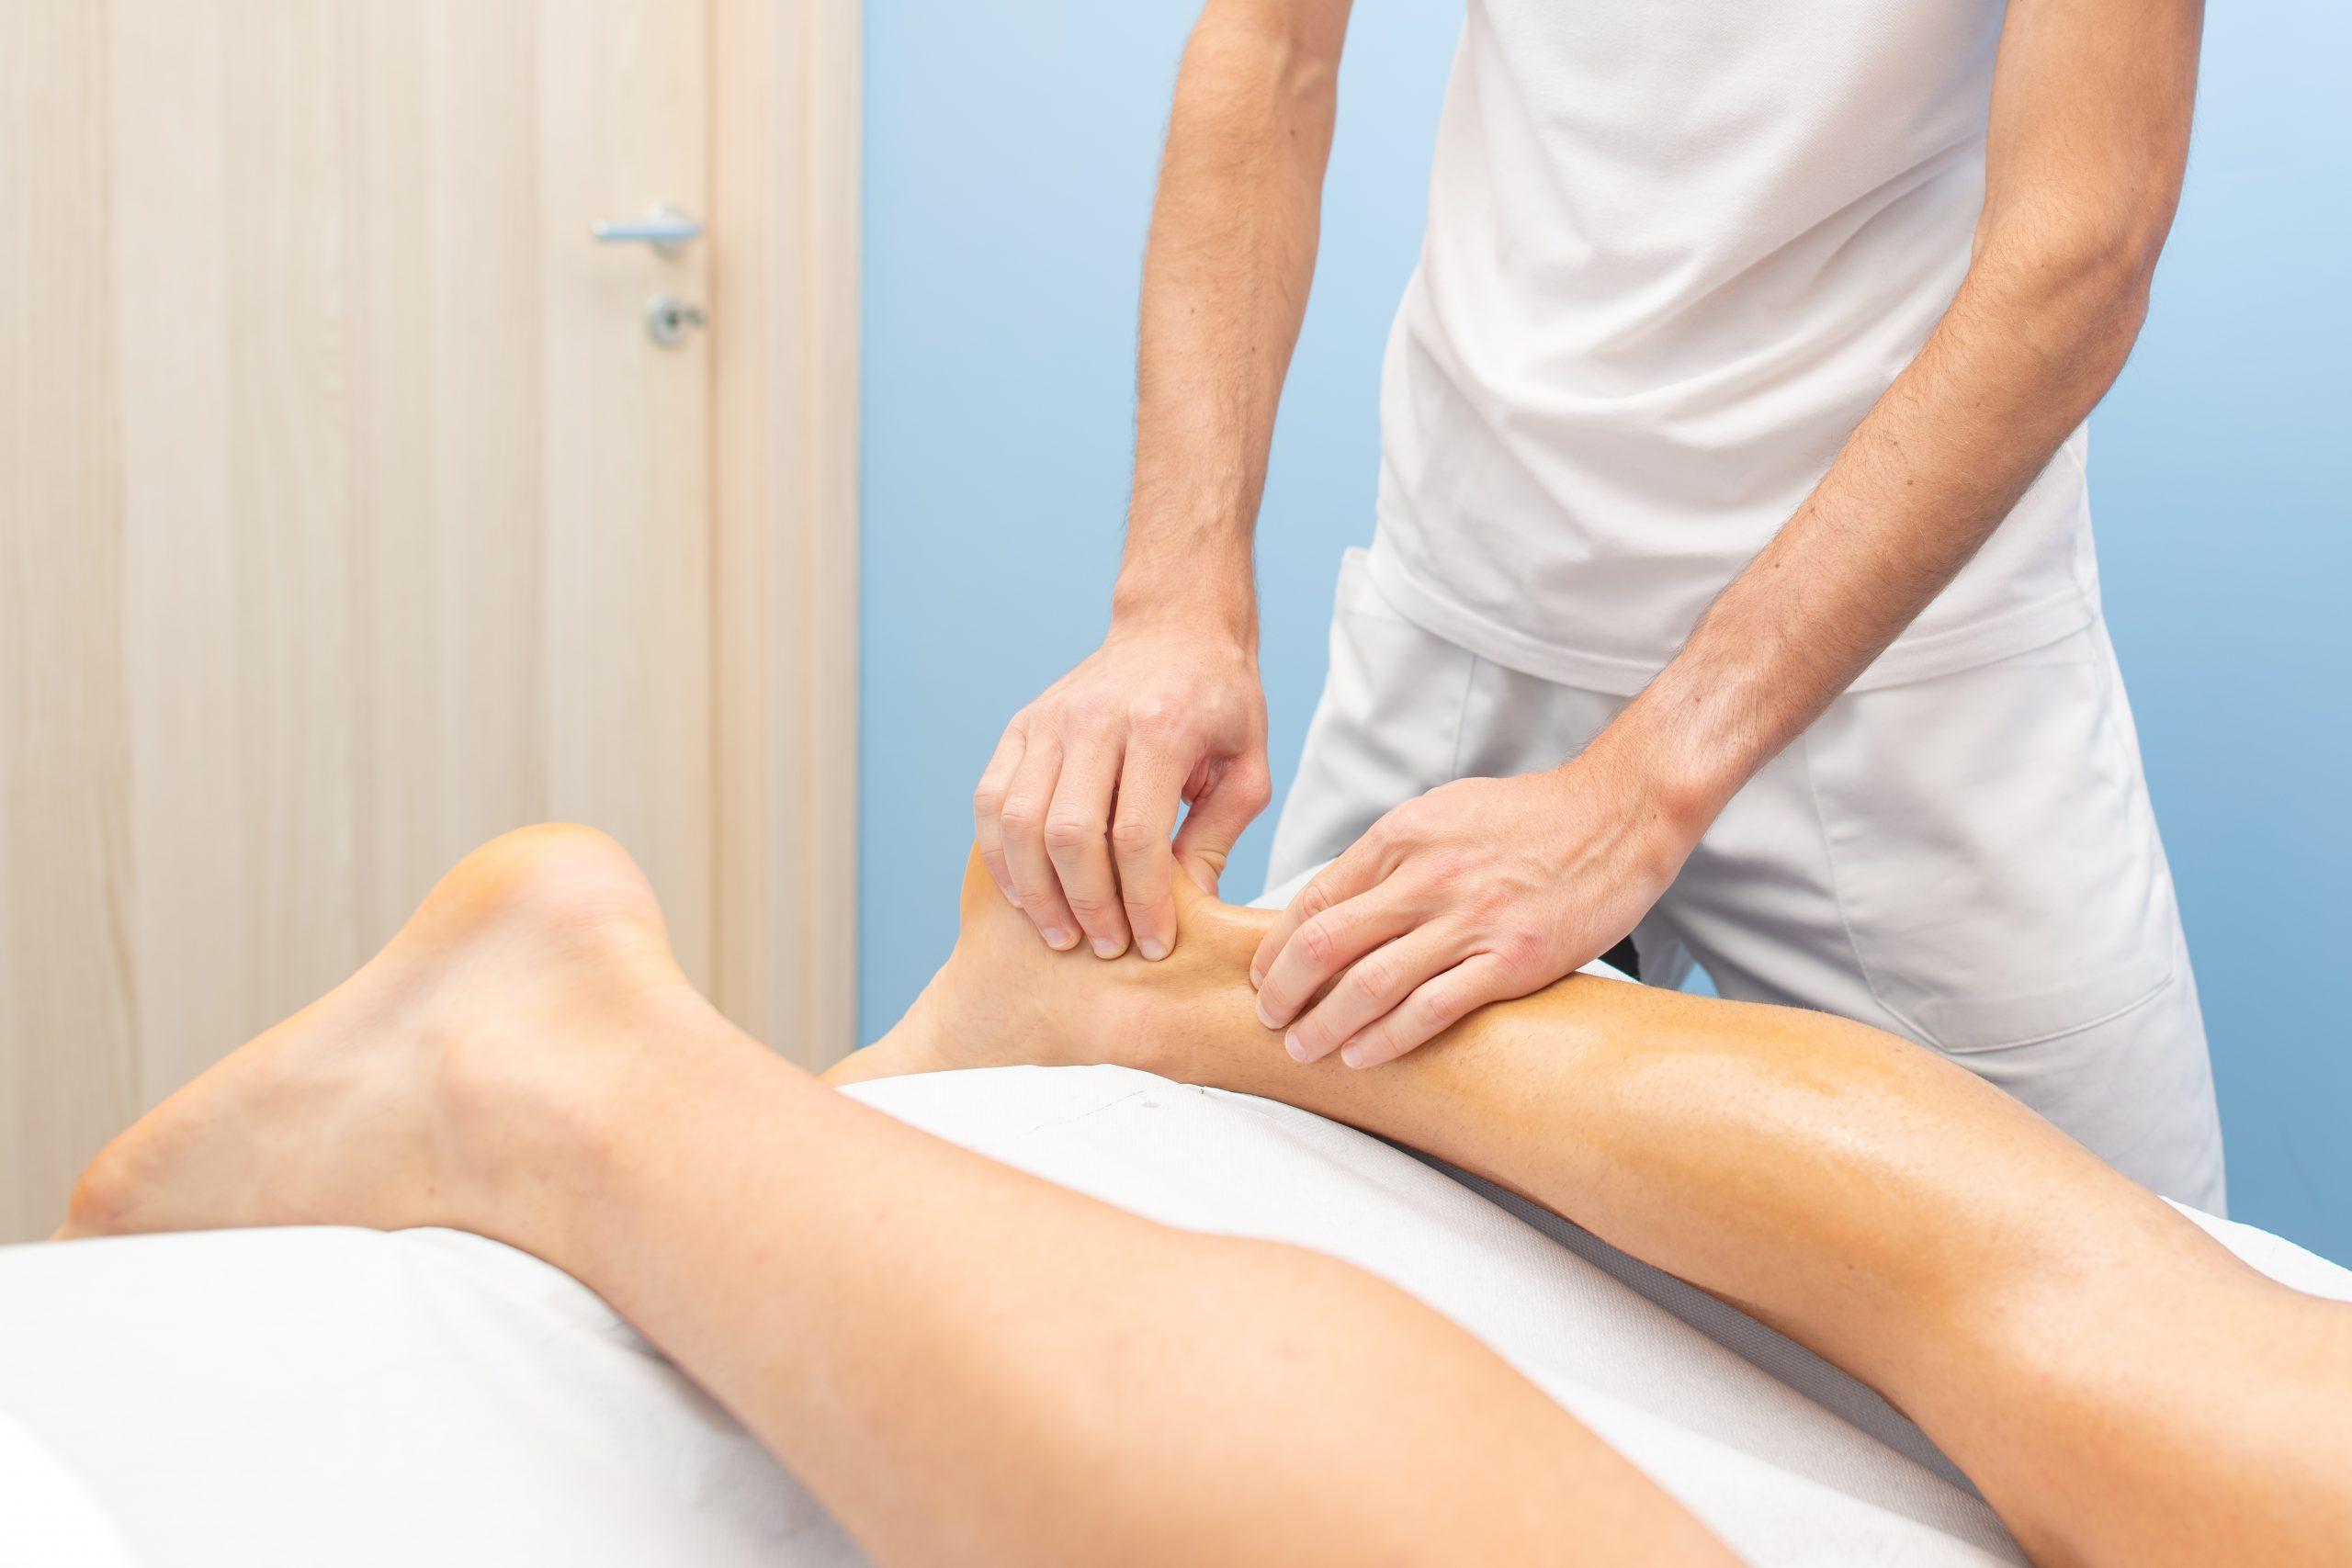 Achilles Tendon Treatment